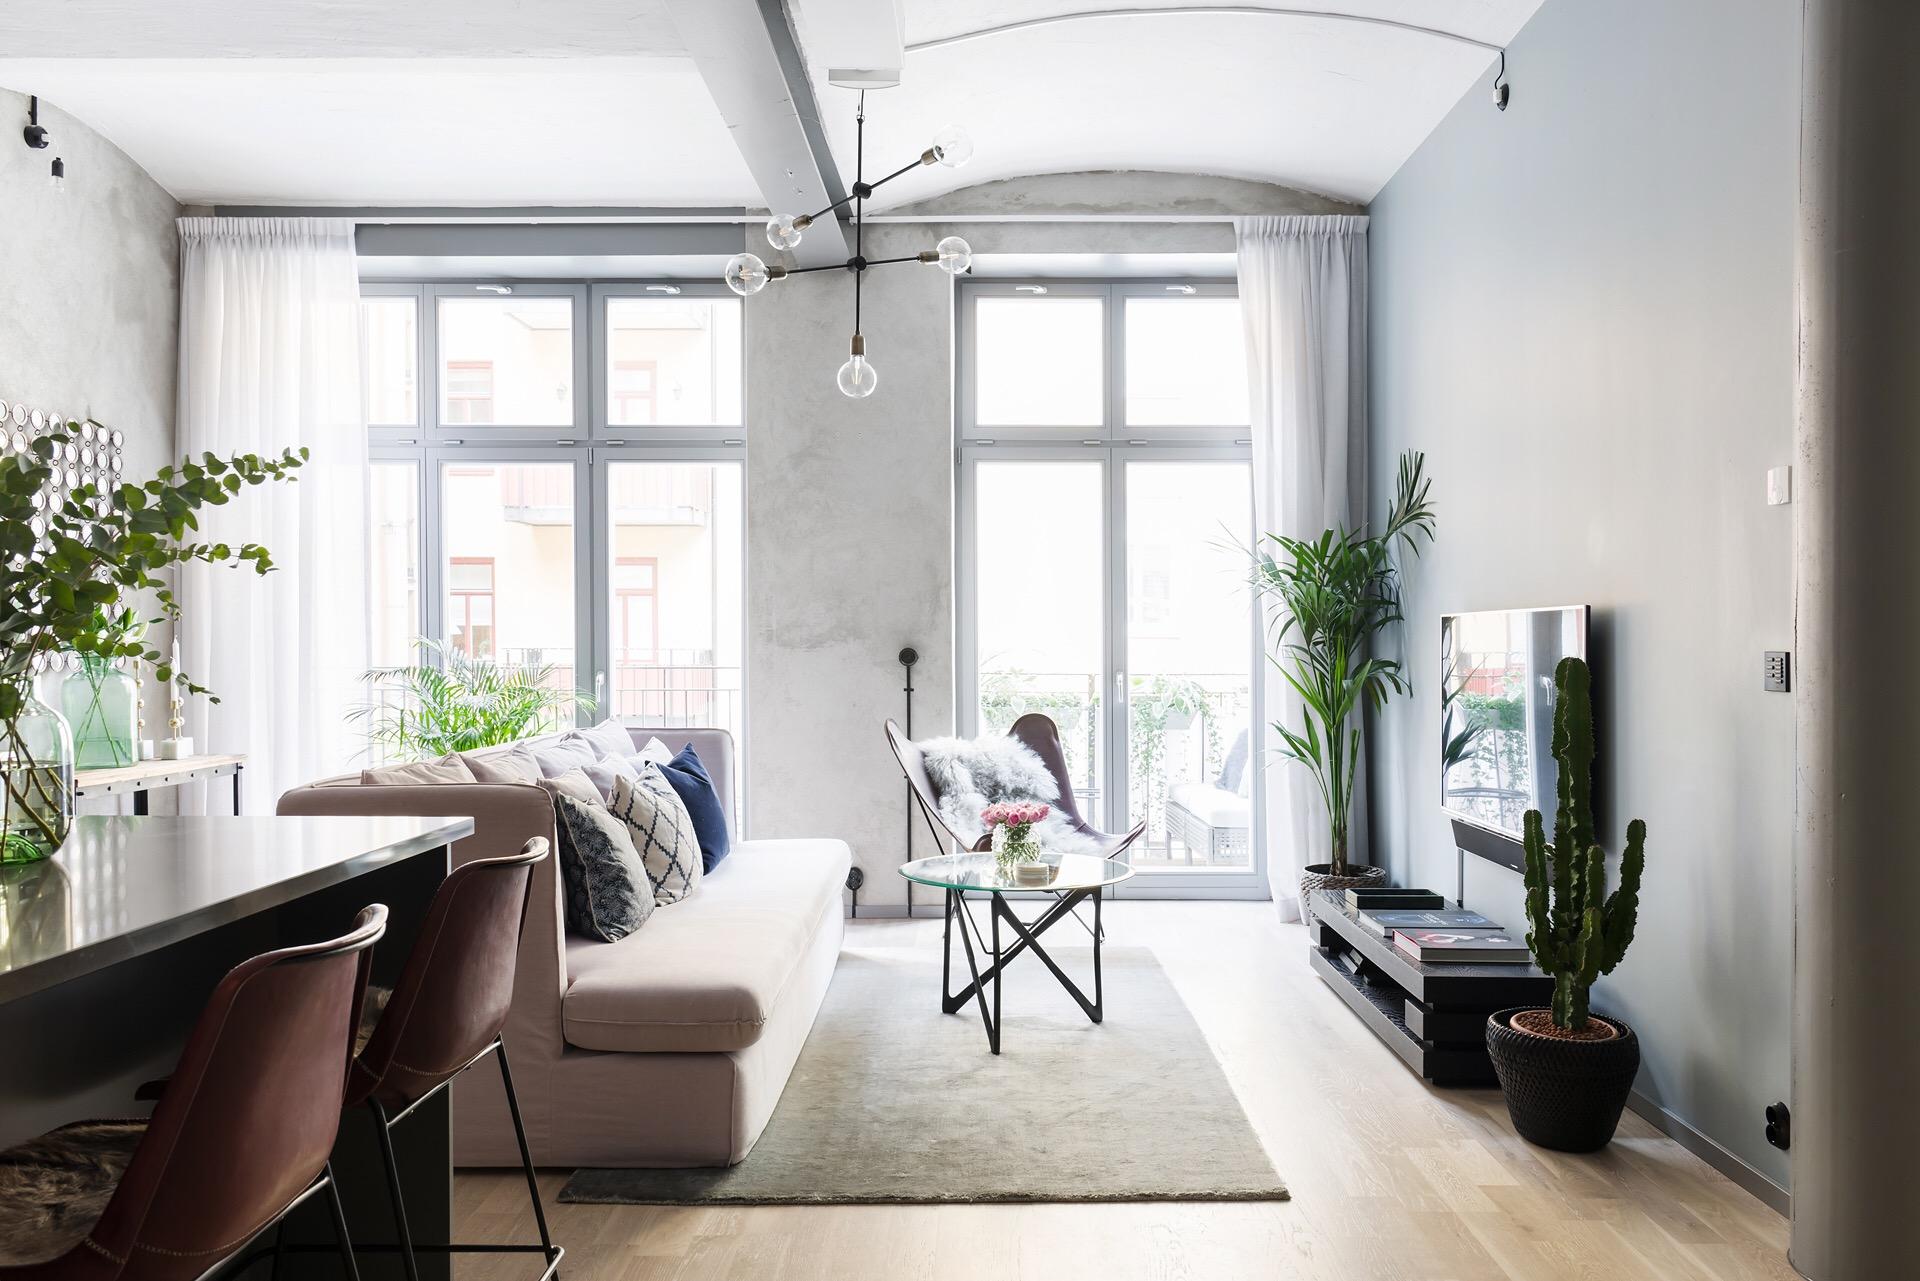 французские окна двери гостиная серые стены бежевый диван ковер телевизор светлый пол